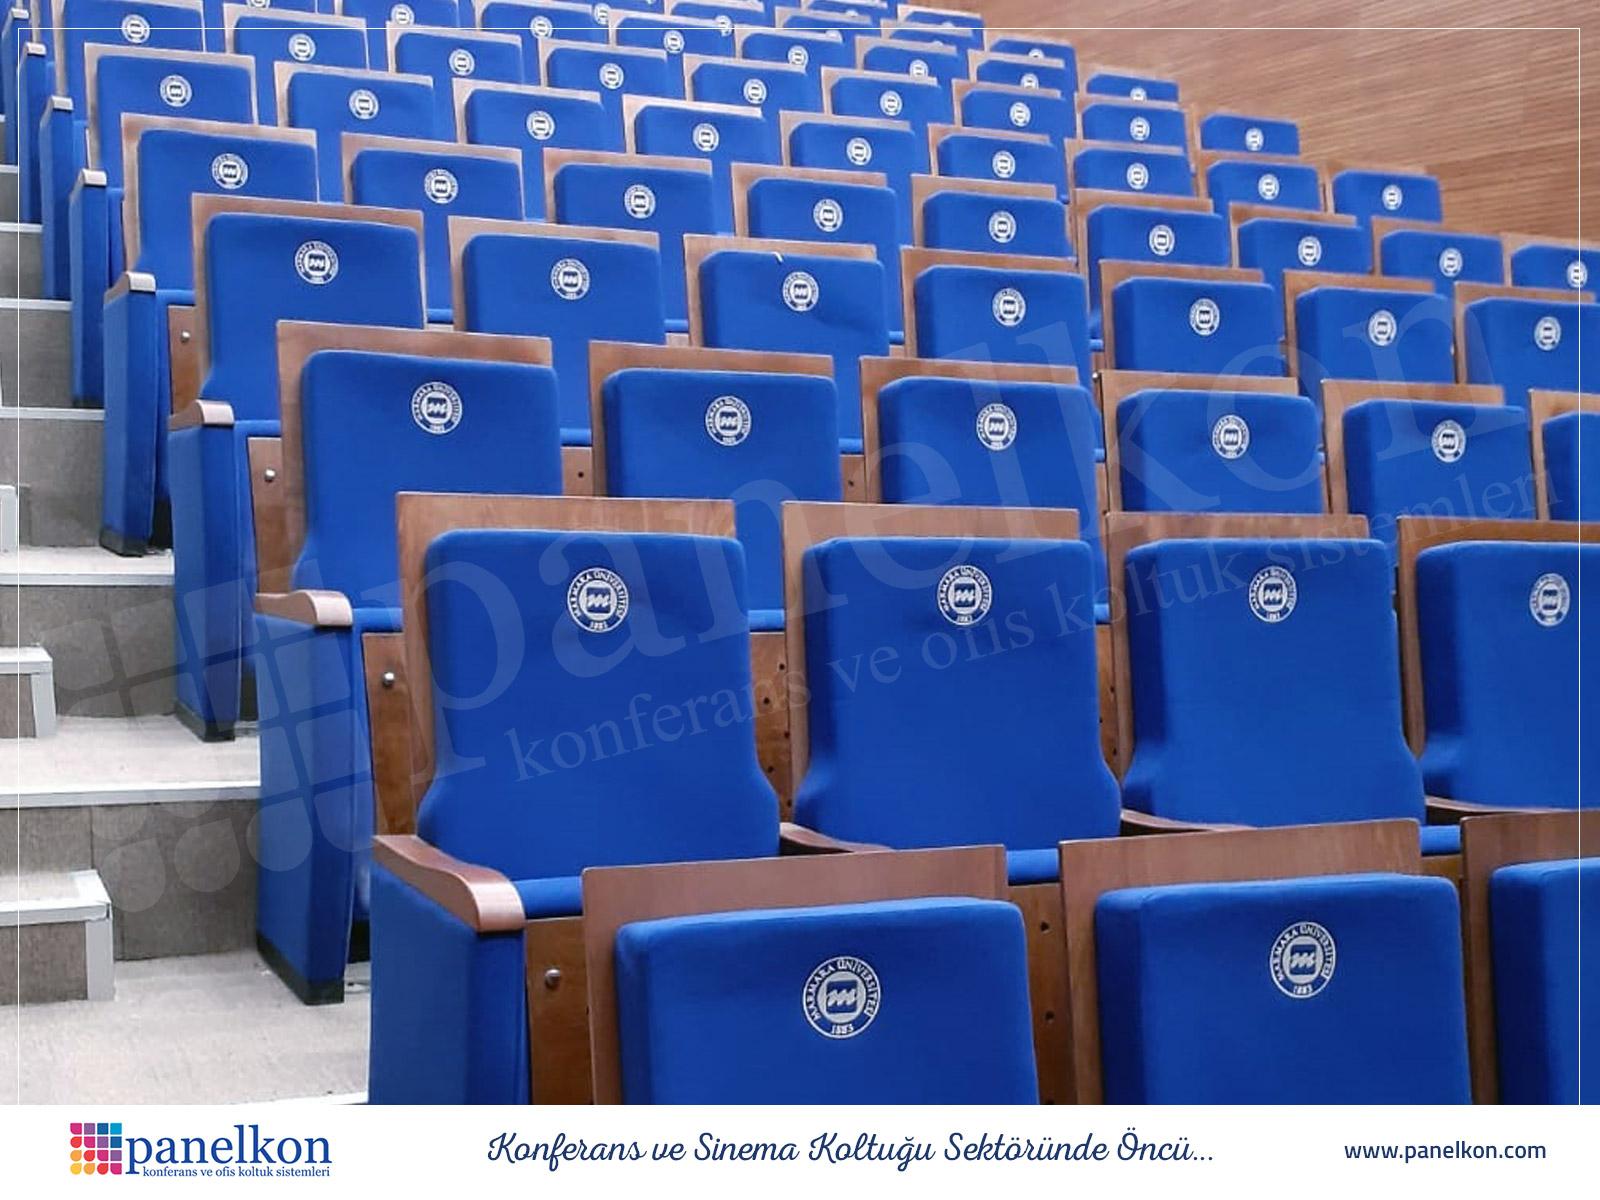 maramara üniversitesi göztepe kampüsü hukuk fakültesi konferans salonu koltukları (7)